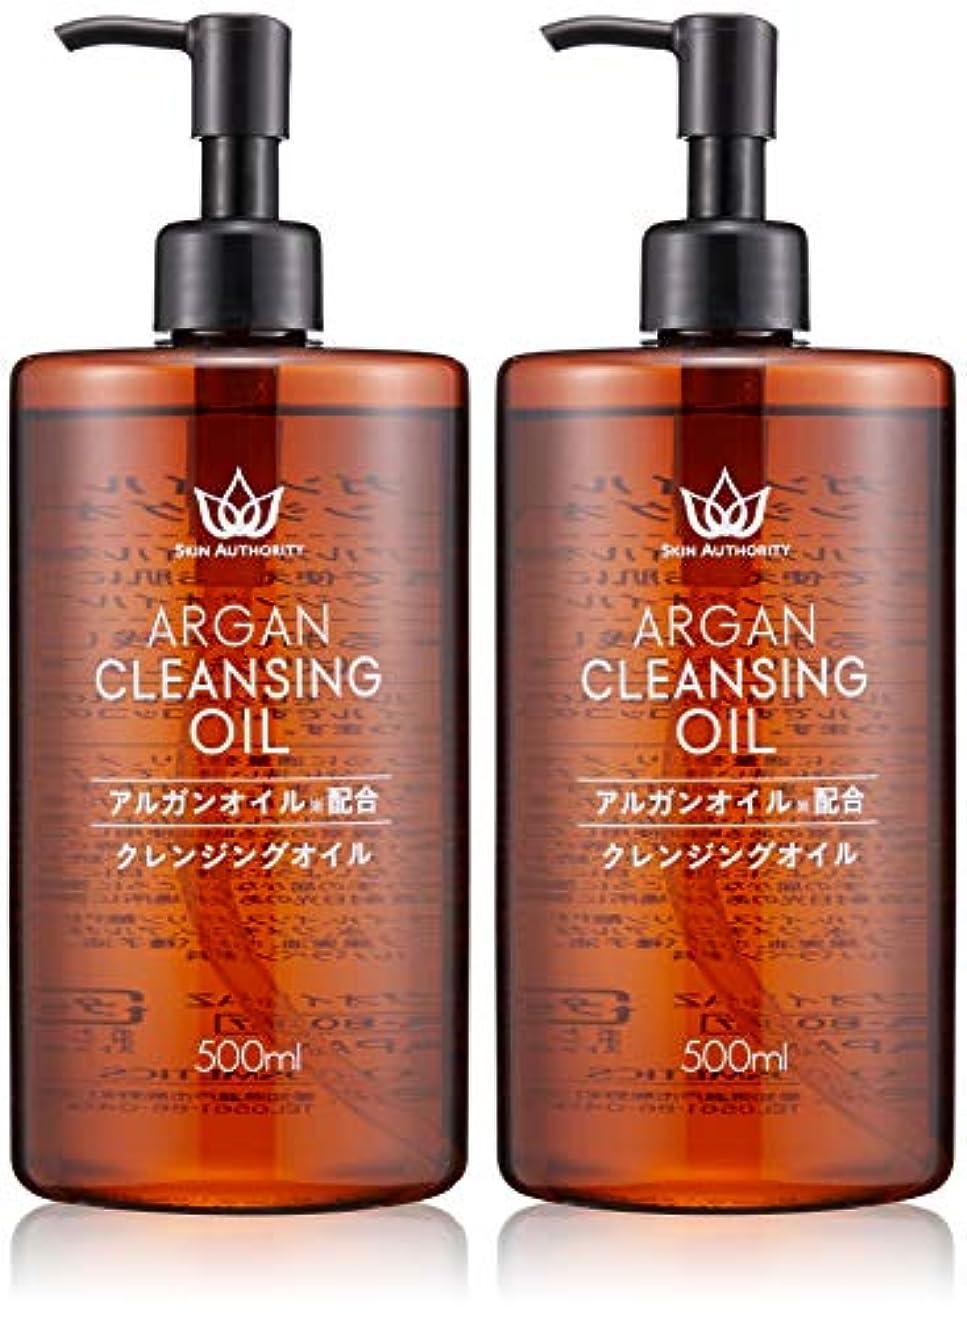 視線に勝る服を洗う[Amazon限定ブランド] SKIN AUTHORITY アルガンオイル配合 クレンジングオイル 500ml×2本